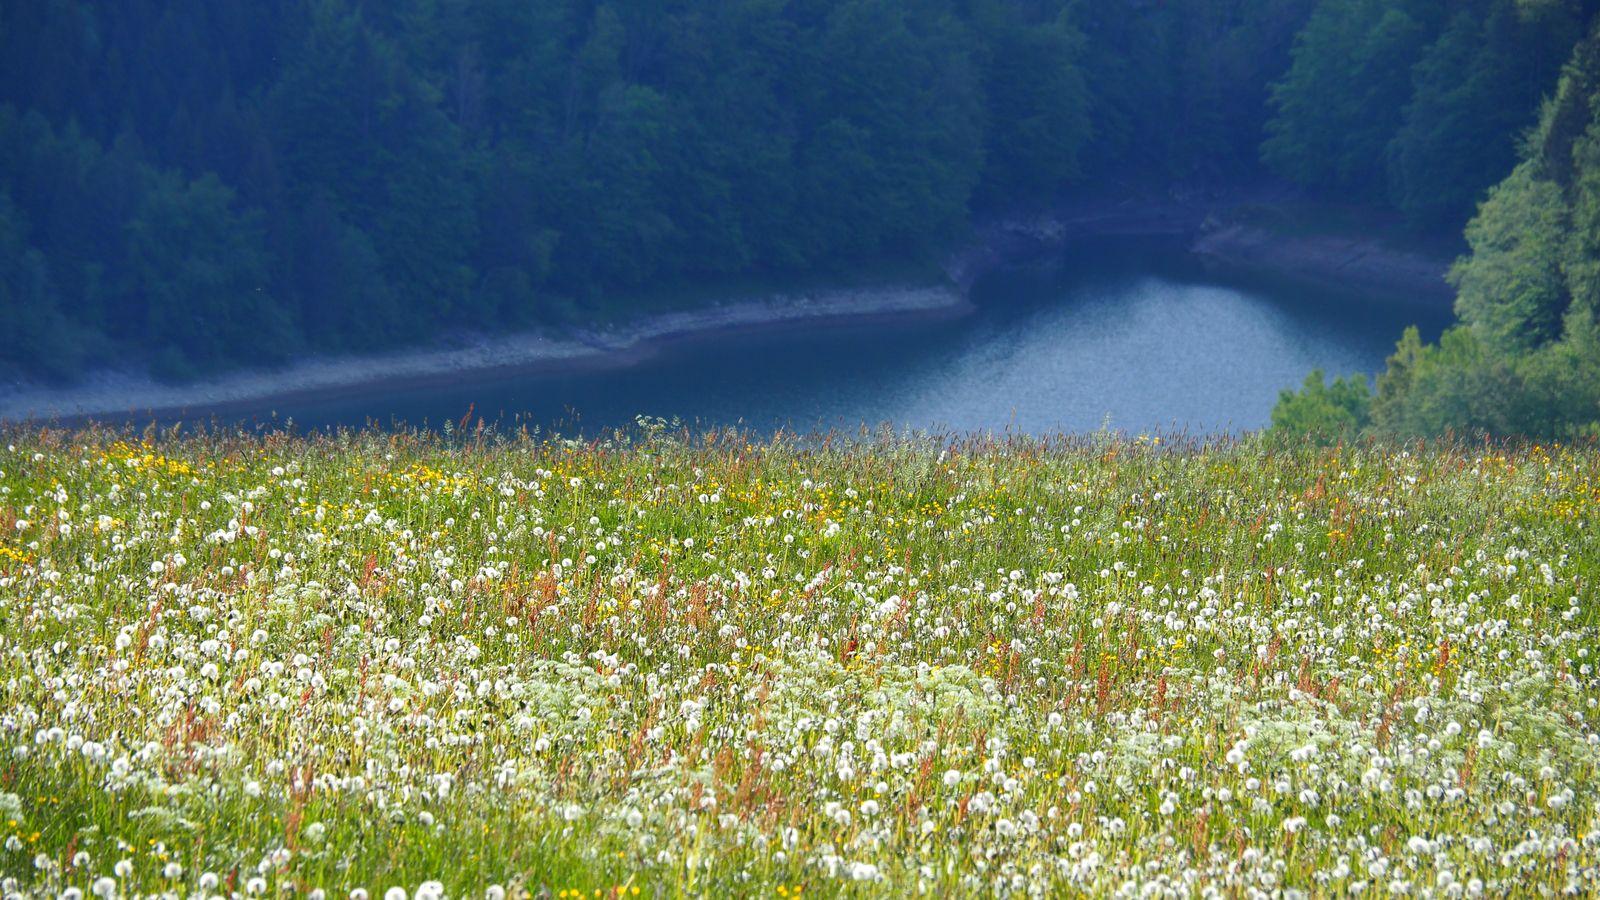 Retrouver la nature et les grands espaces